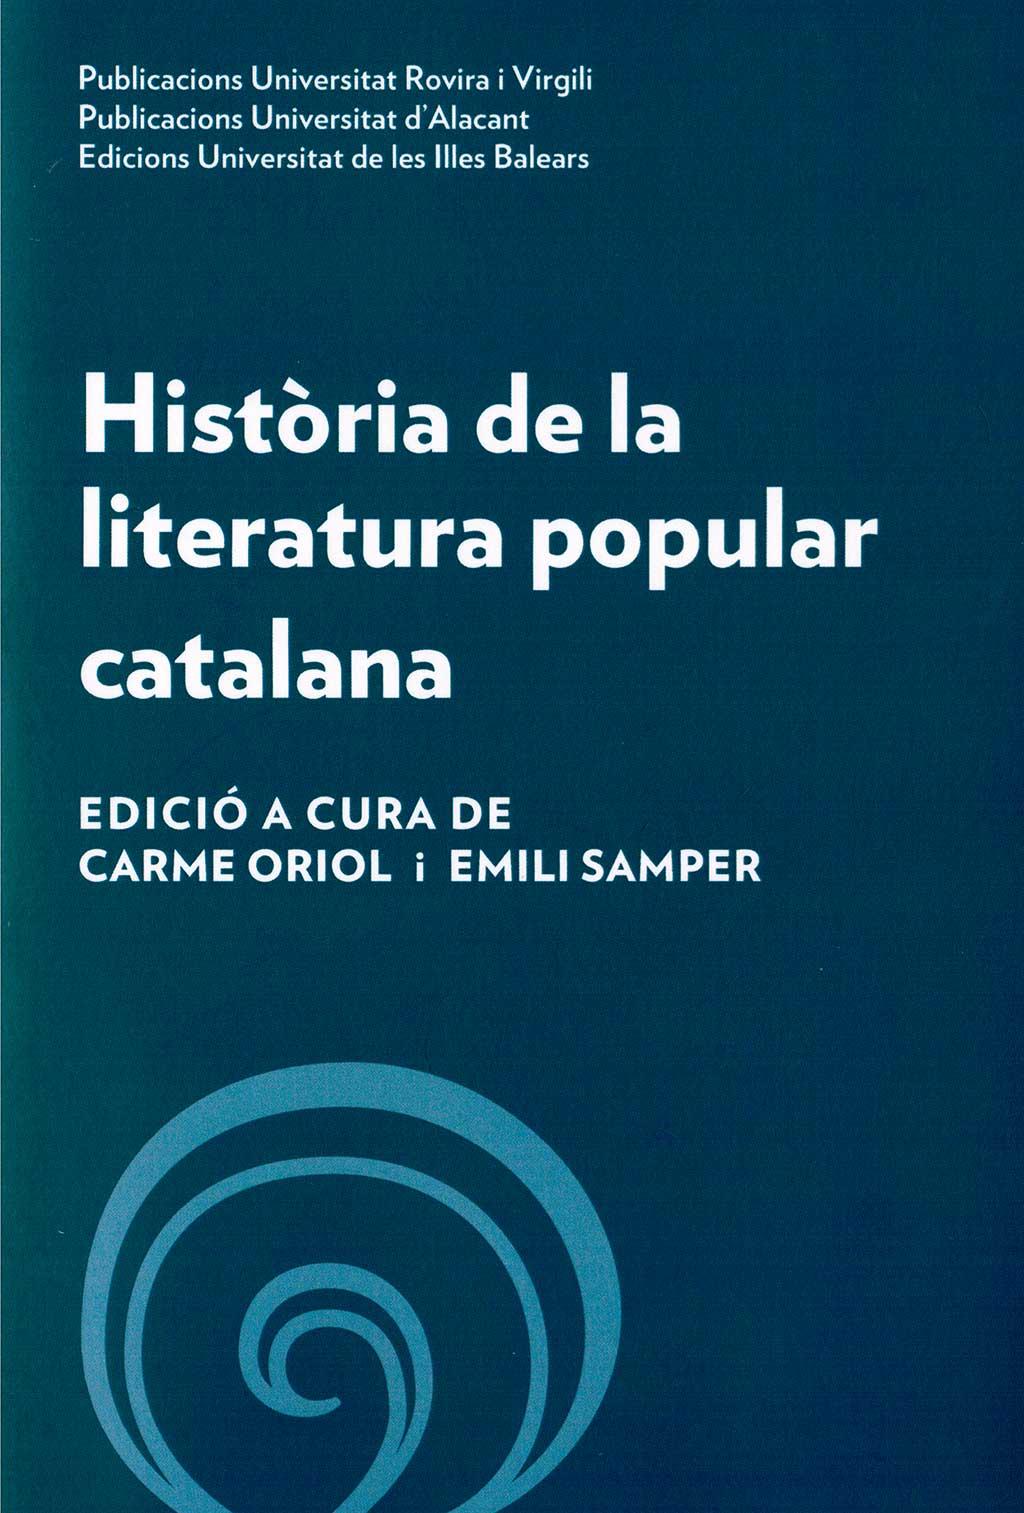 Història de la literatura popular catalana*